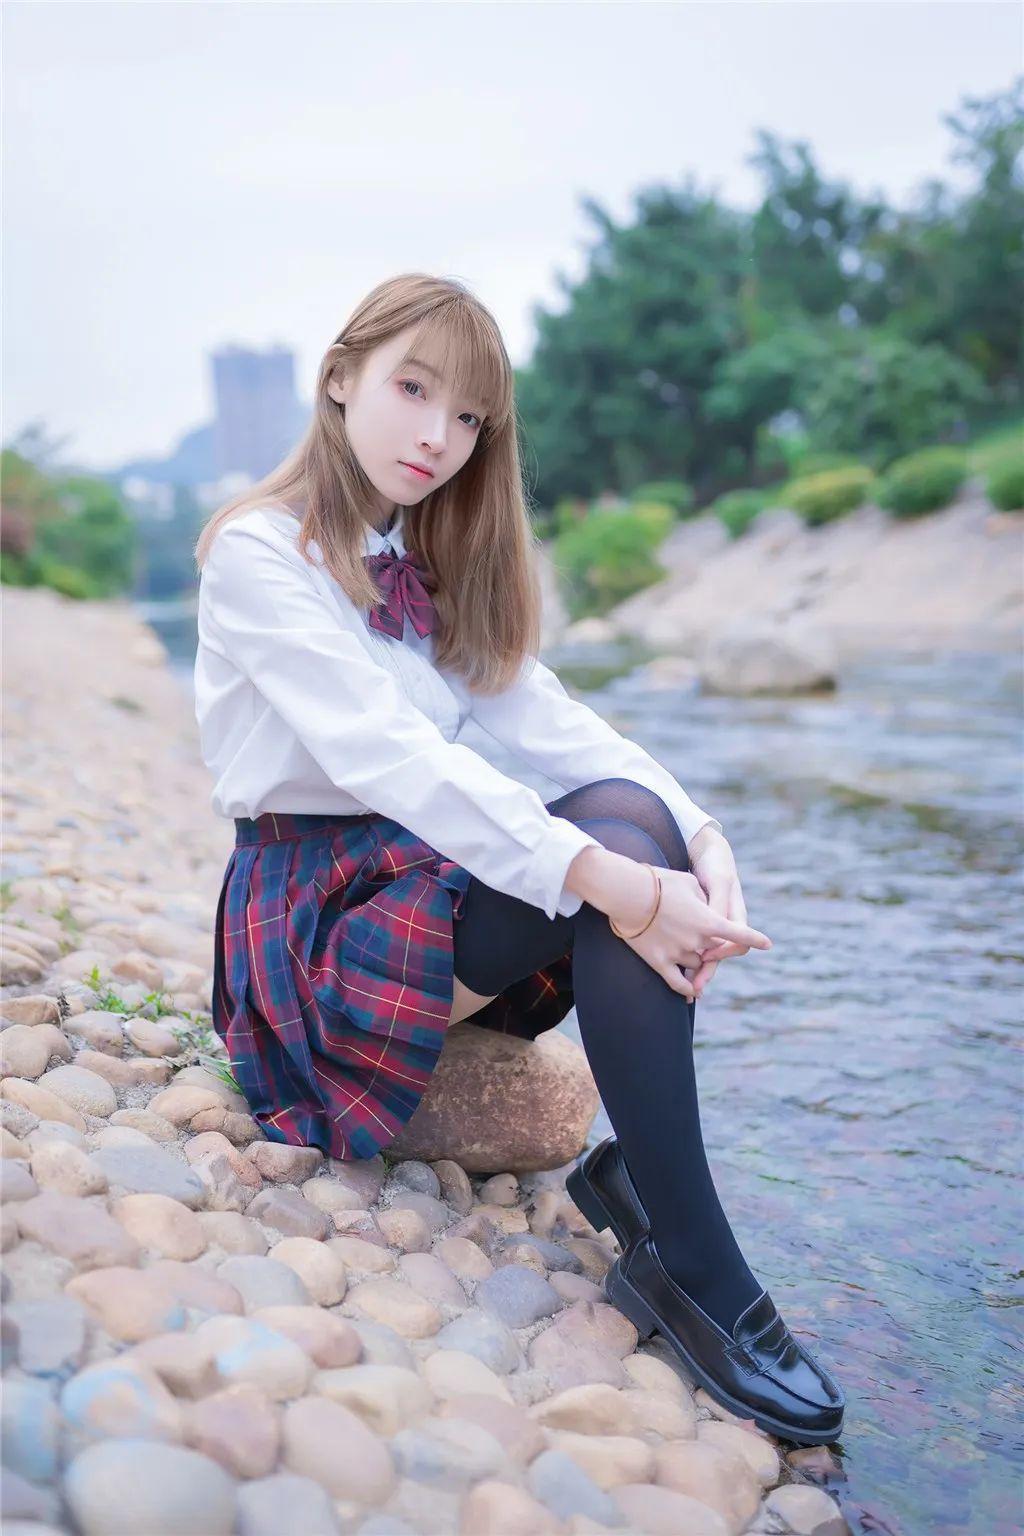 妹子摄影 – 白衬衣JK制服黑色过膝袜少女_图片 No.4